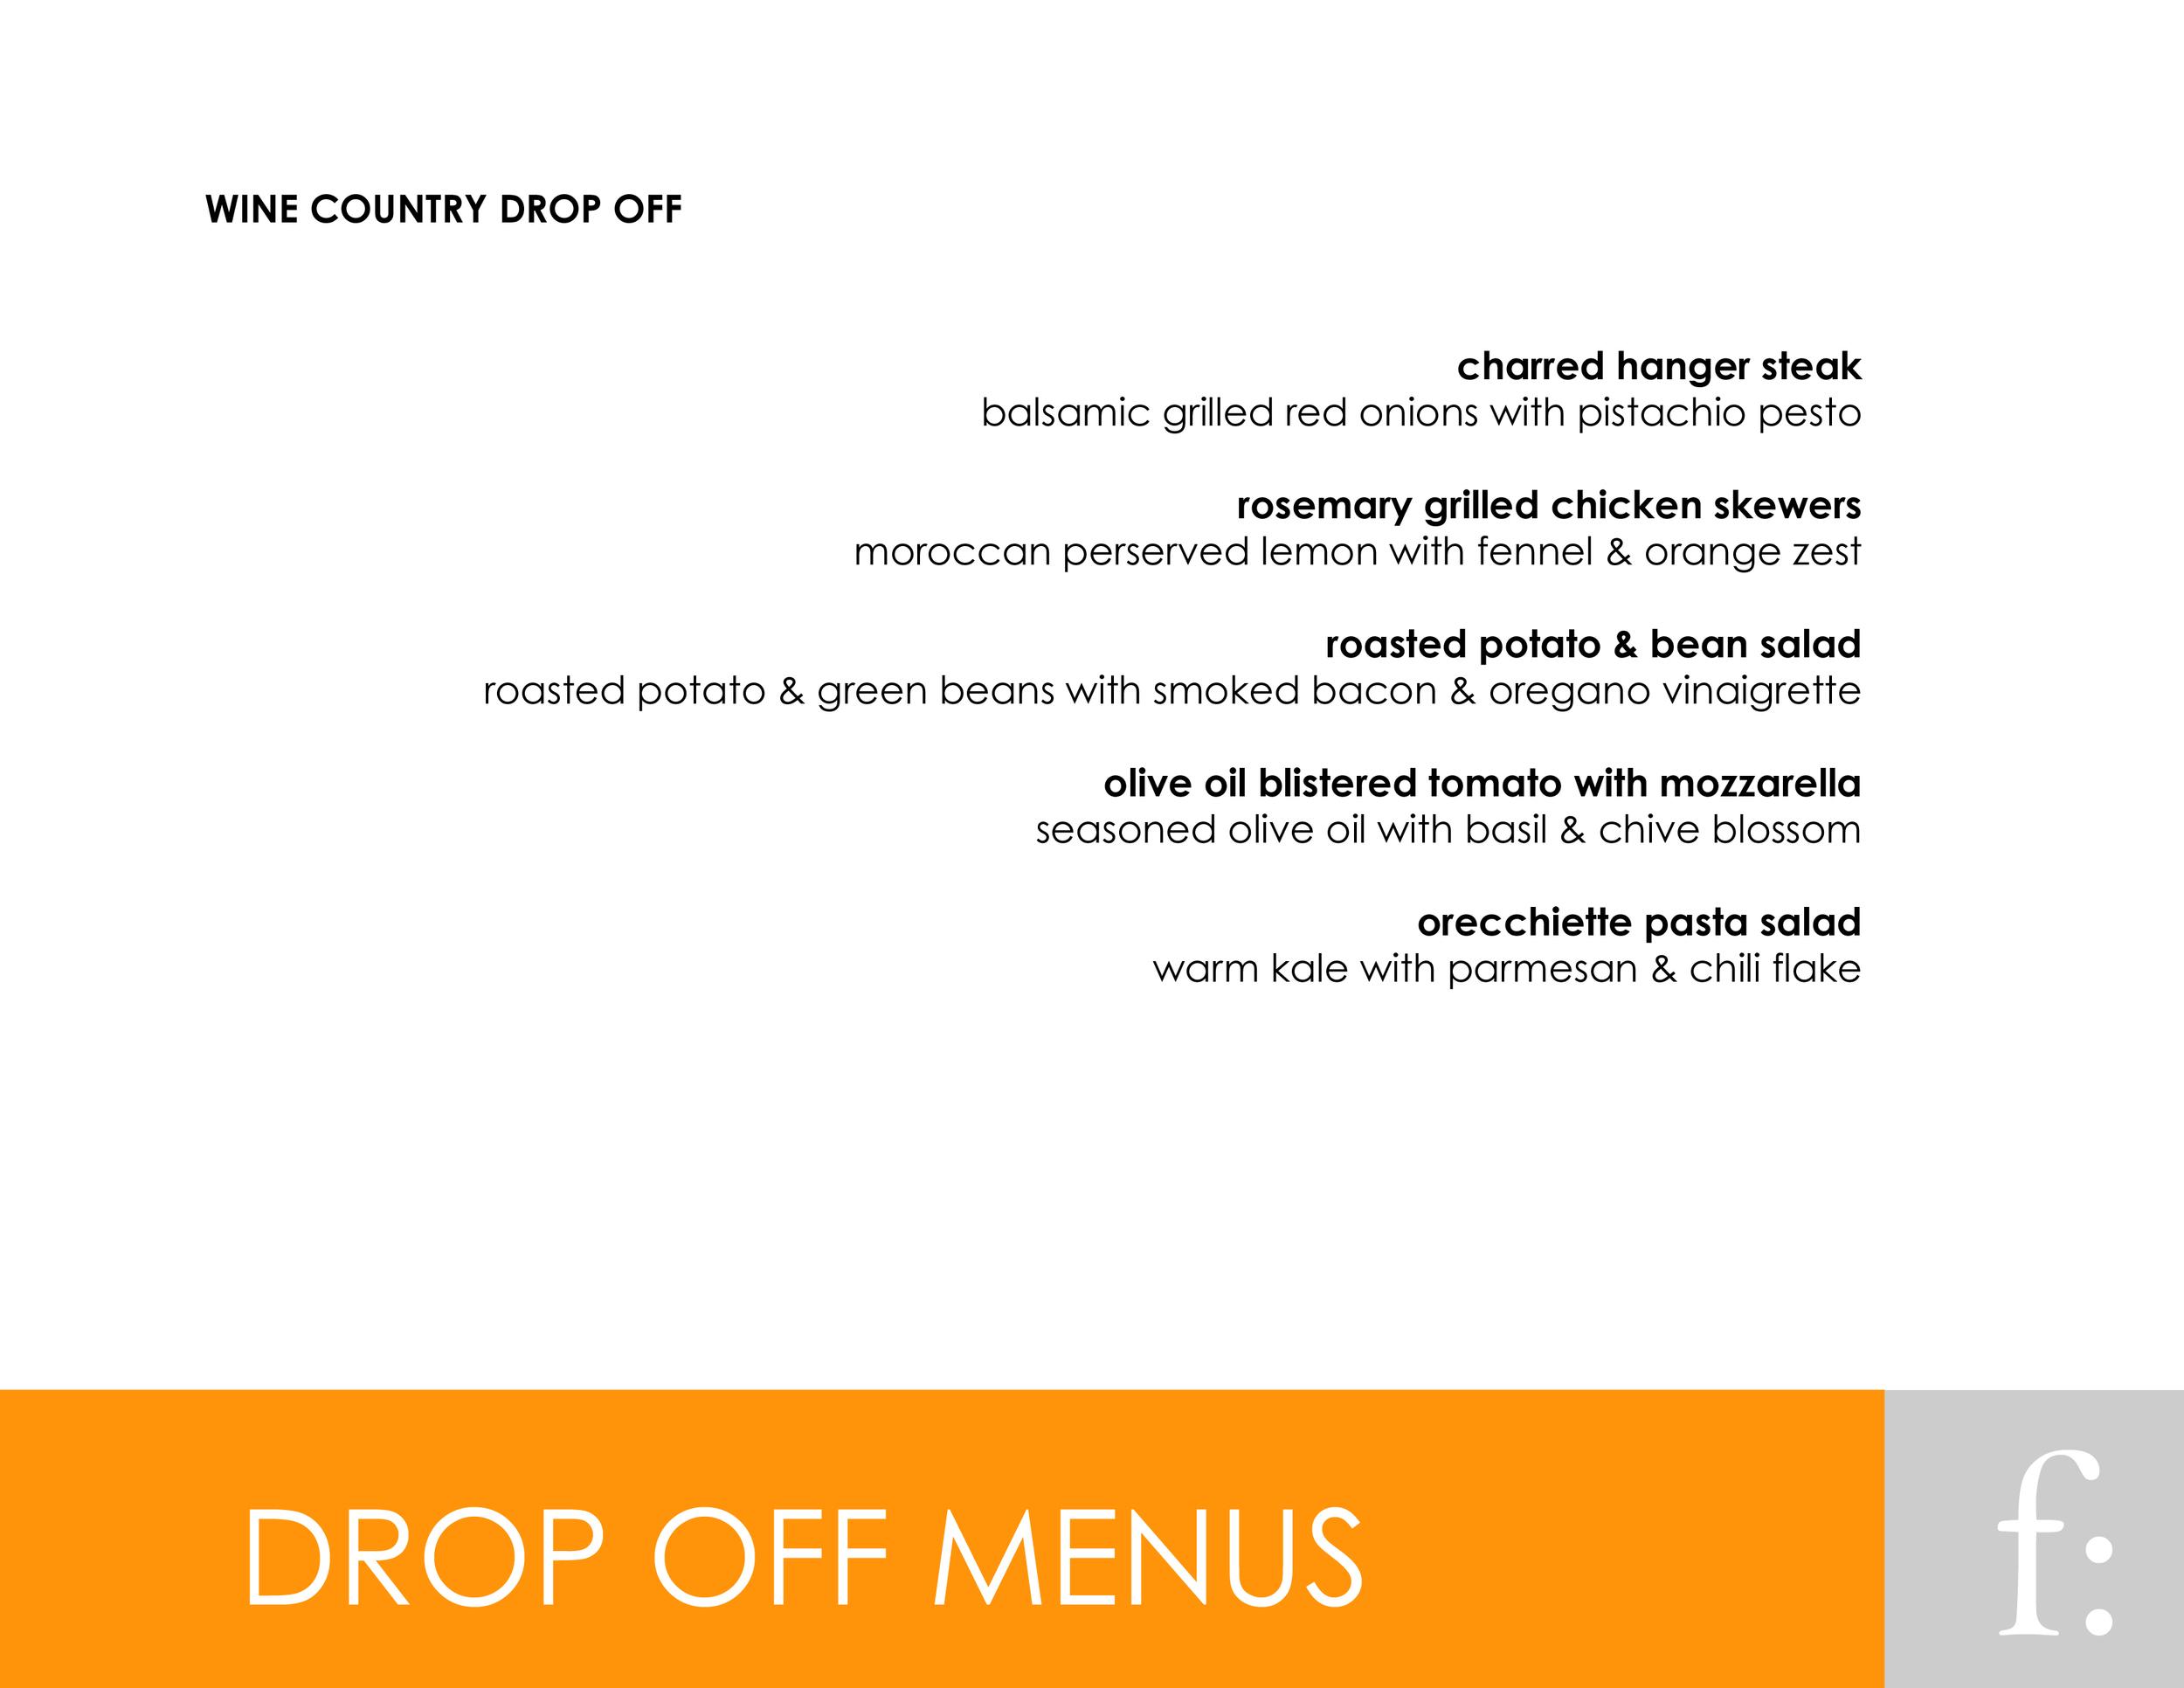 Drop off  1 wine country menu.jpg